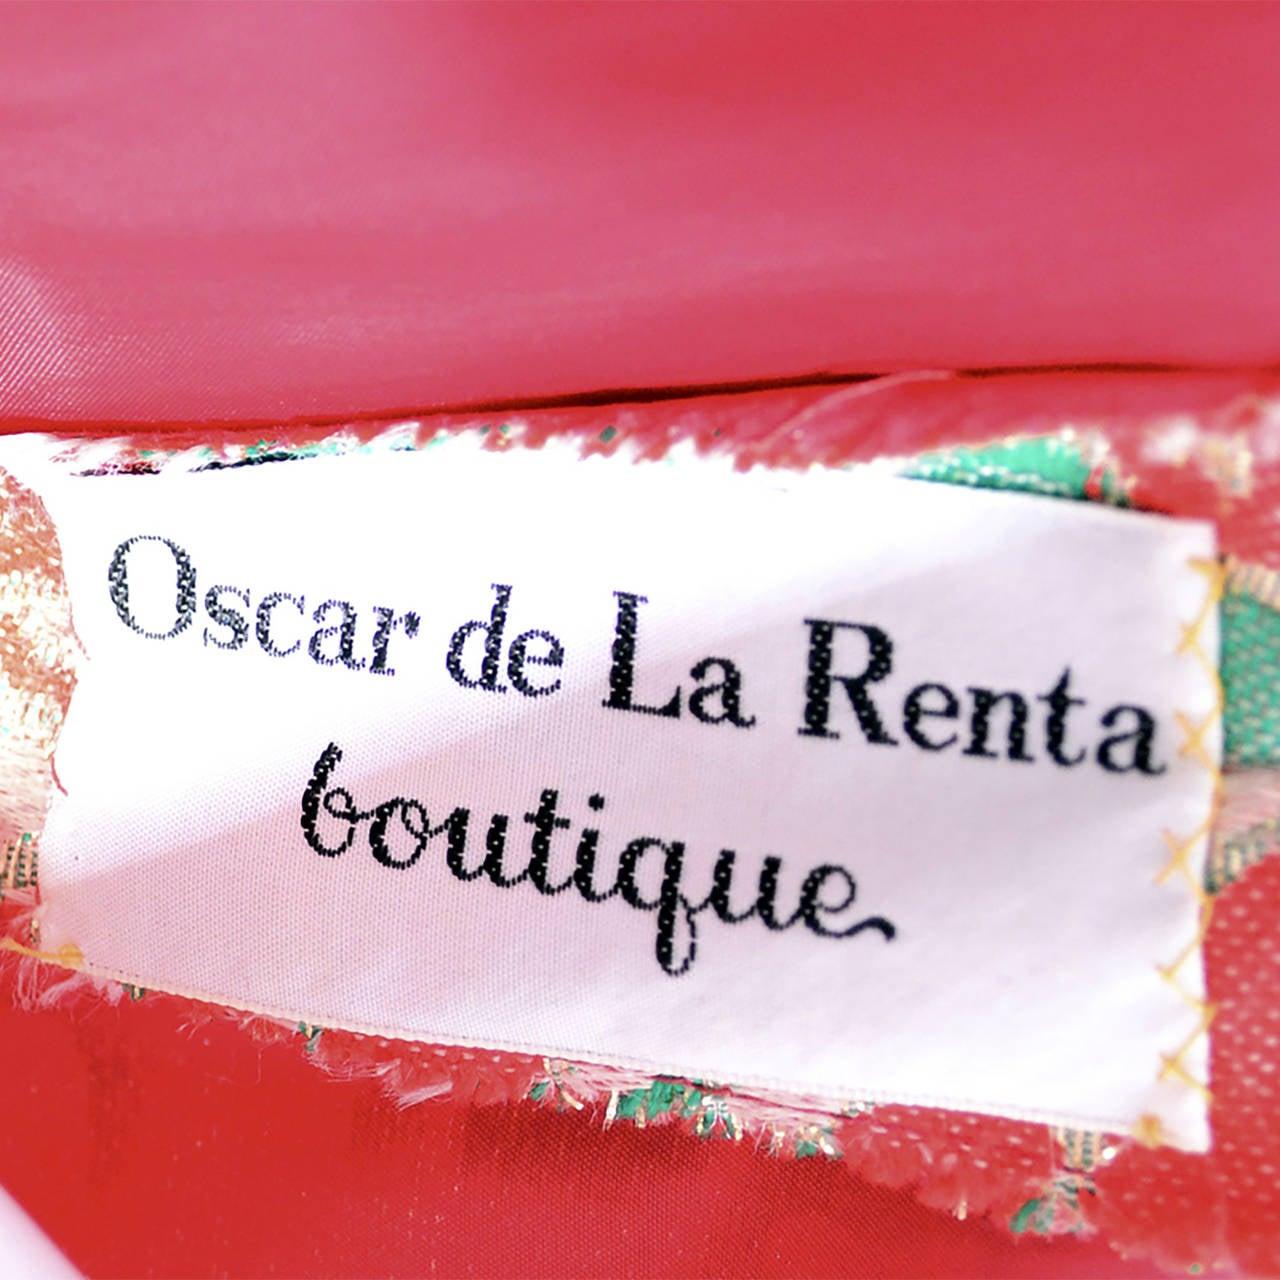 Oscar de la Renta Dress Boutique Vintage Dress 1960s Metallic Paisley Maxi For Sale 1